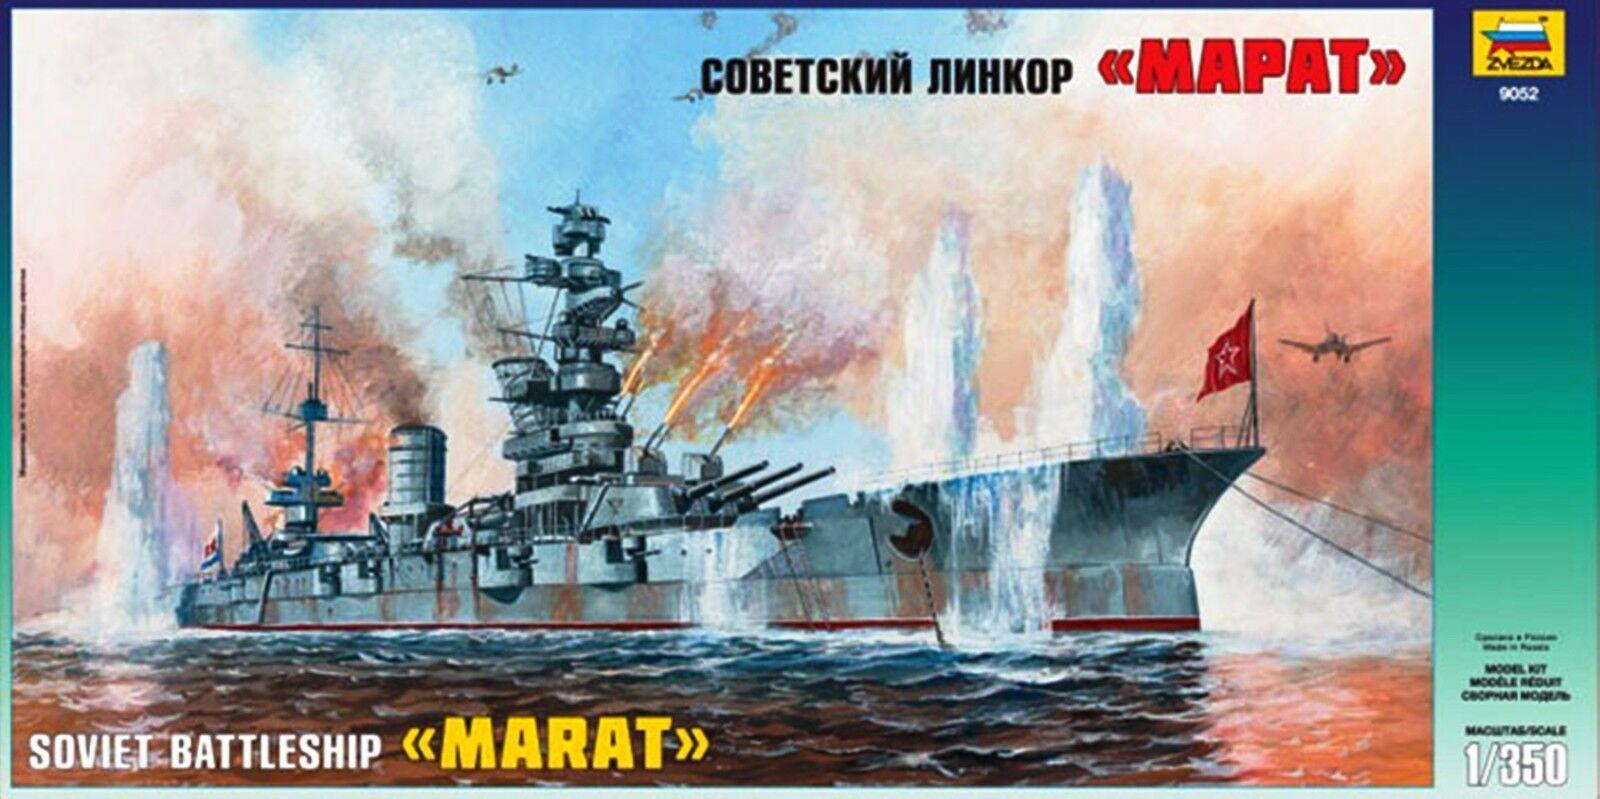 Zvezda 1 350 Scale Soviet Battleship Marat Kit No. 9052